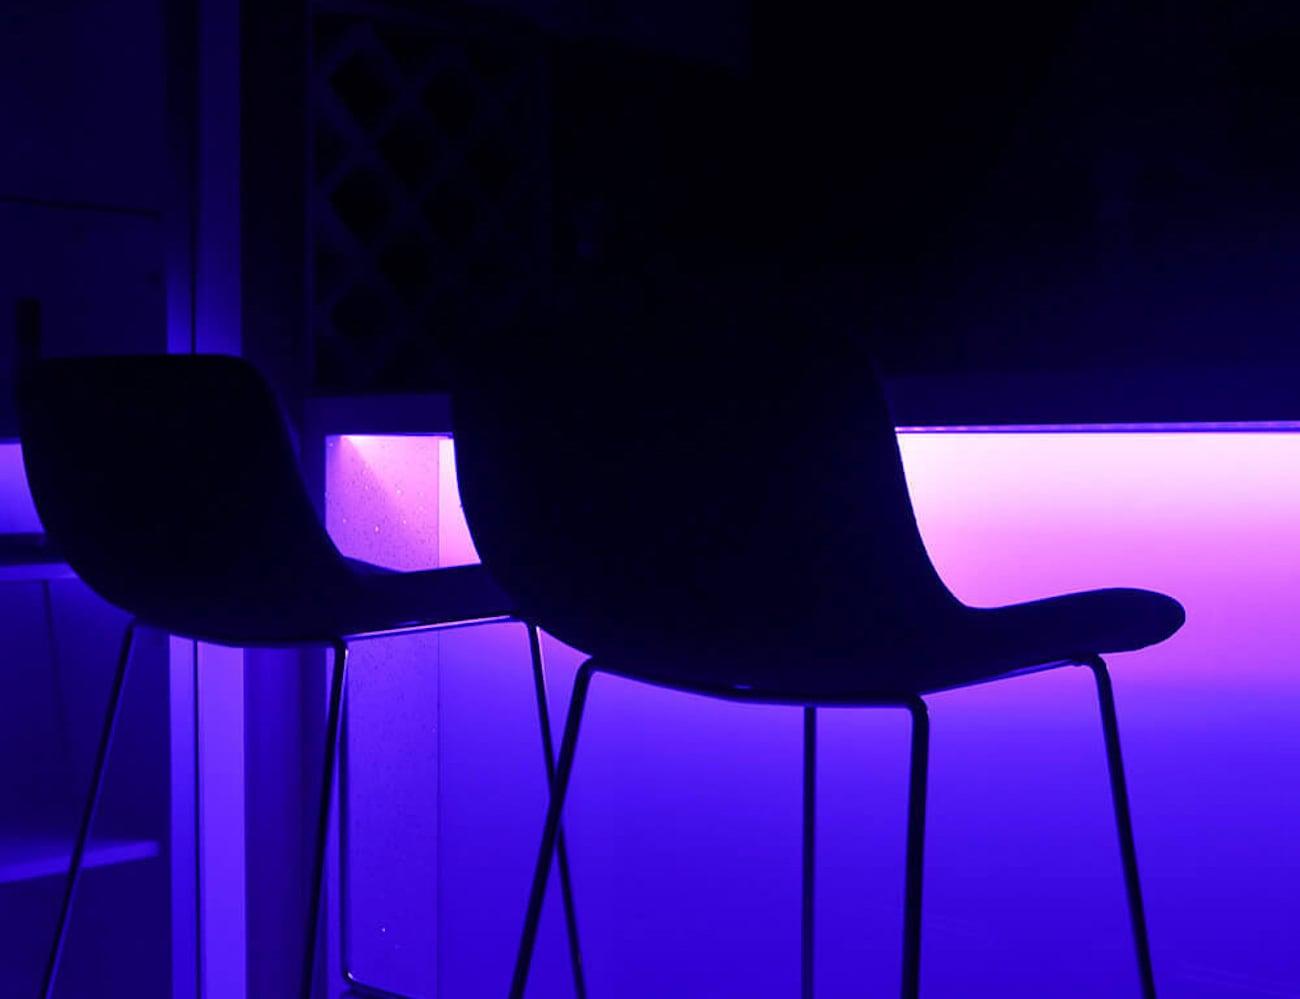 YEELIGHT Smart LED Light Strip Kit